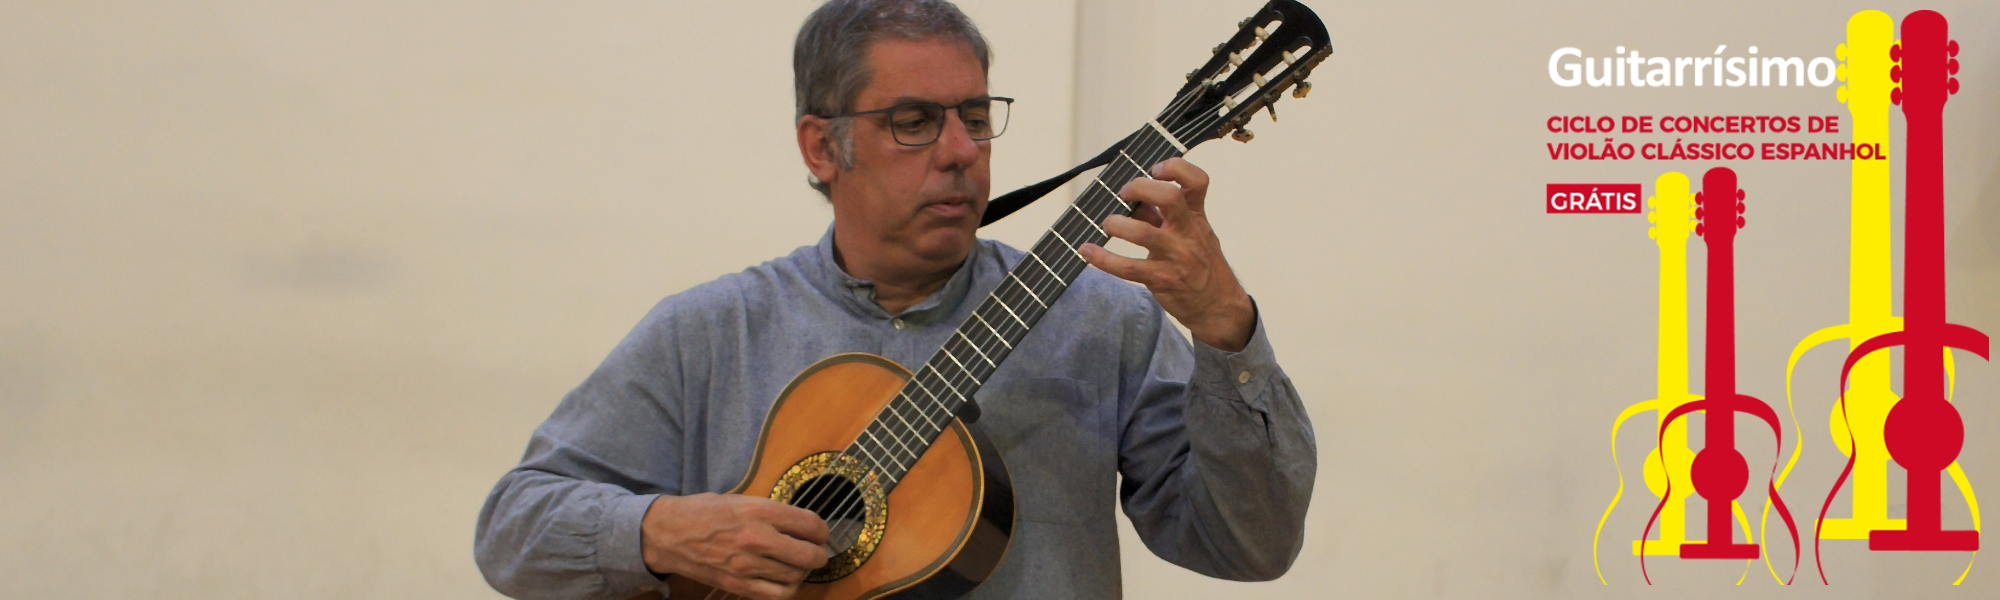 Guitarrísimo: Marcos Martín apresenta música de Fernando Sor e Dionisio Aguado em concerto gratuito